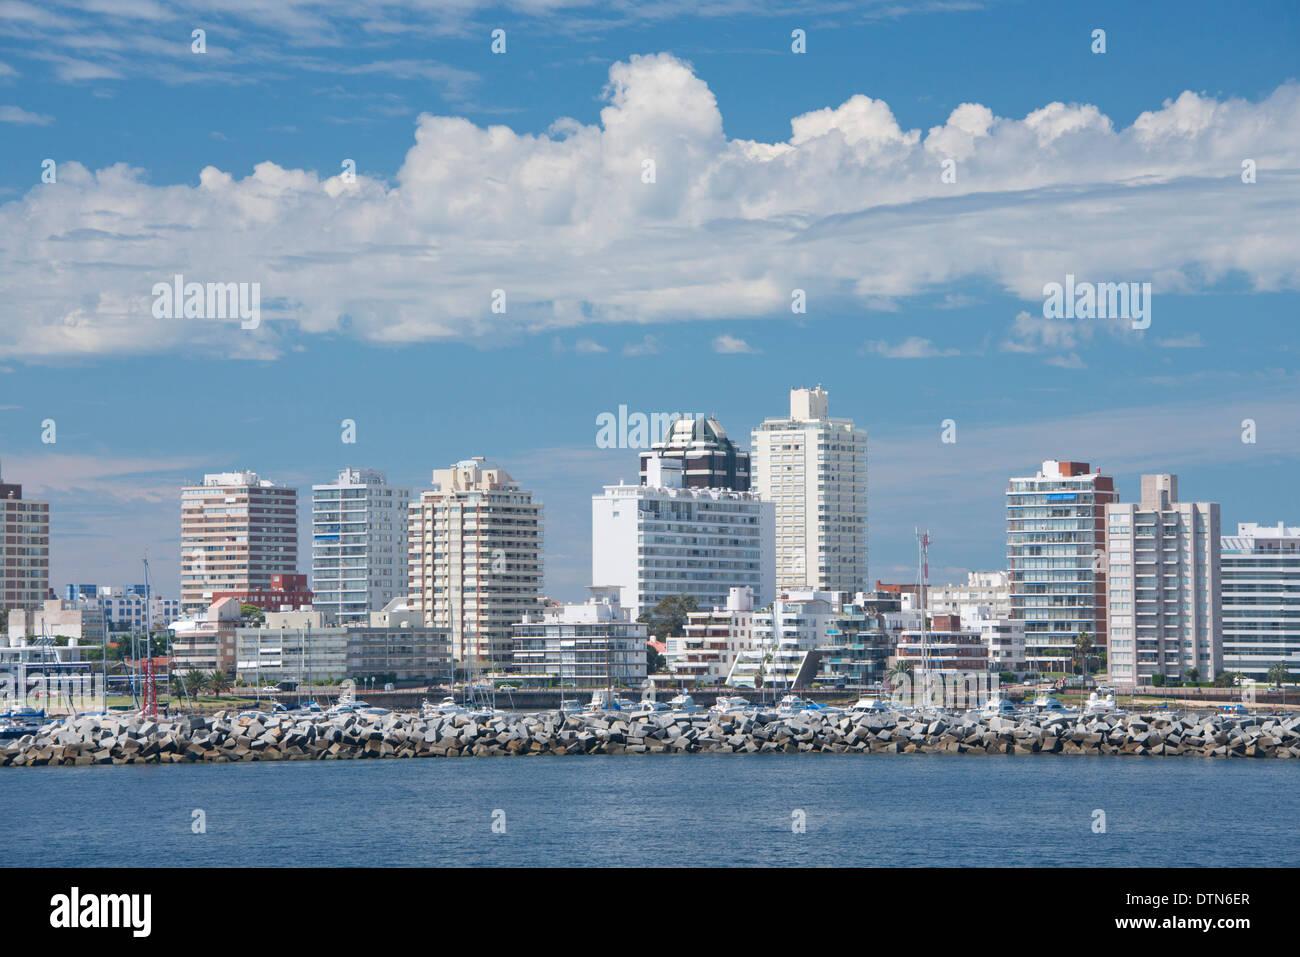 Uruguay, Punta del Este. Rio de la Plate (River) skyline view of the coastal area of the popular resort city of Punta del Este. - Stock Image